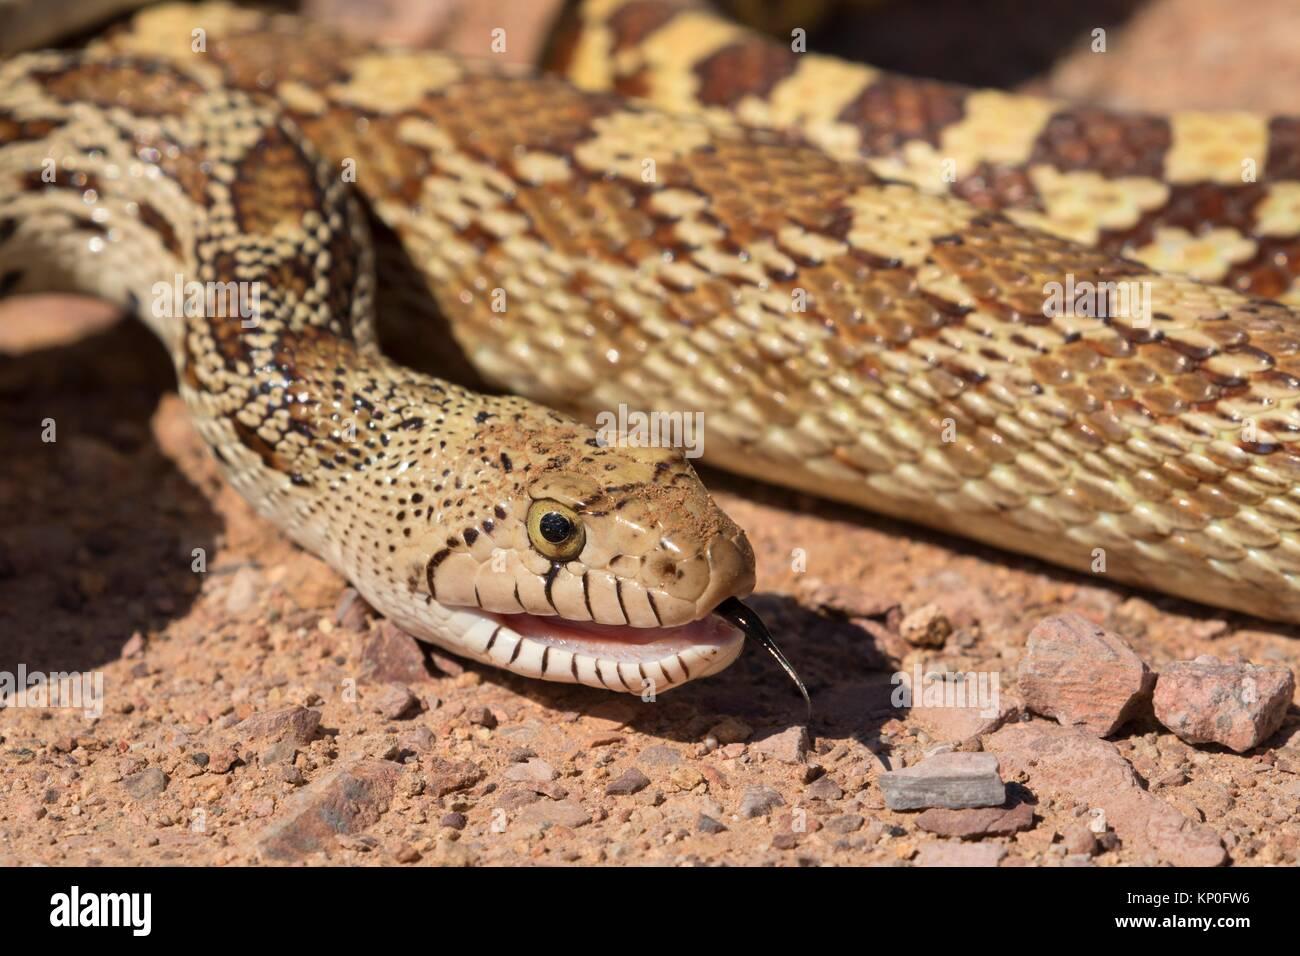 Serpiente Gopher, Monumento Nacional Organ Pipe Cactus, en Arizona. Imagen De Stock